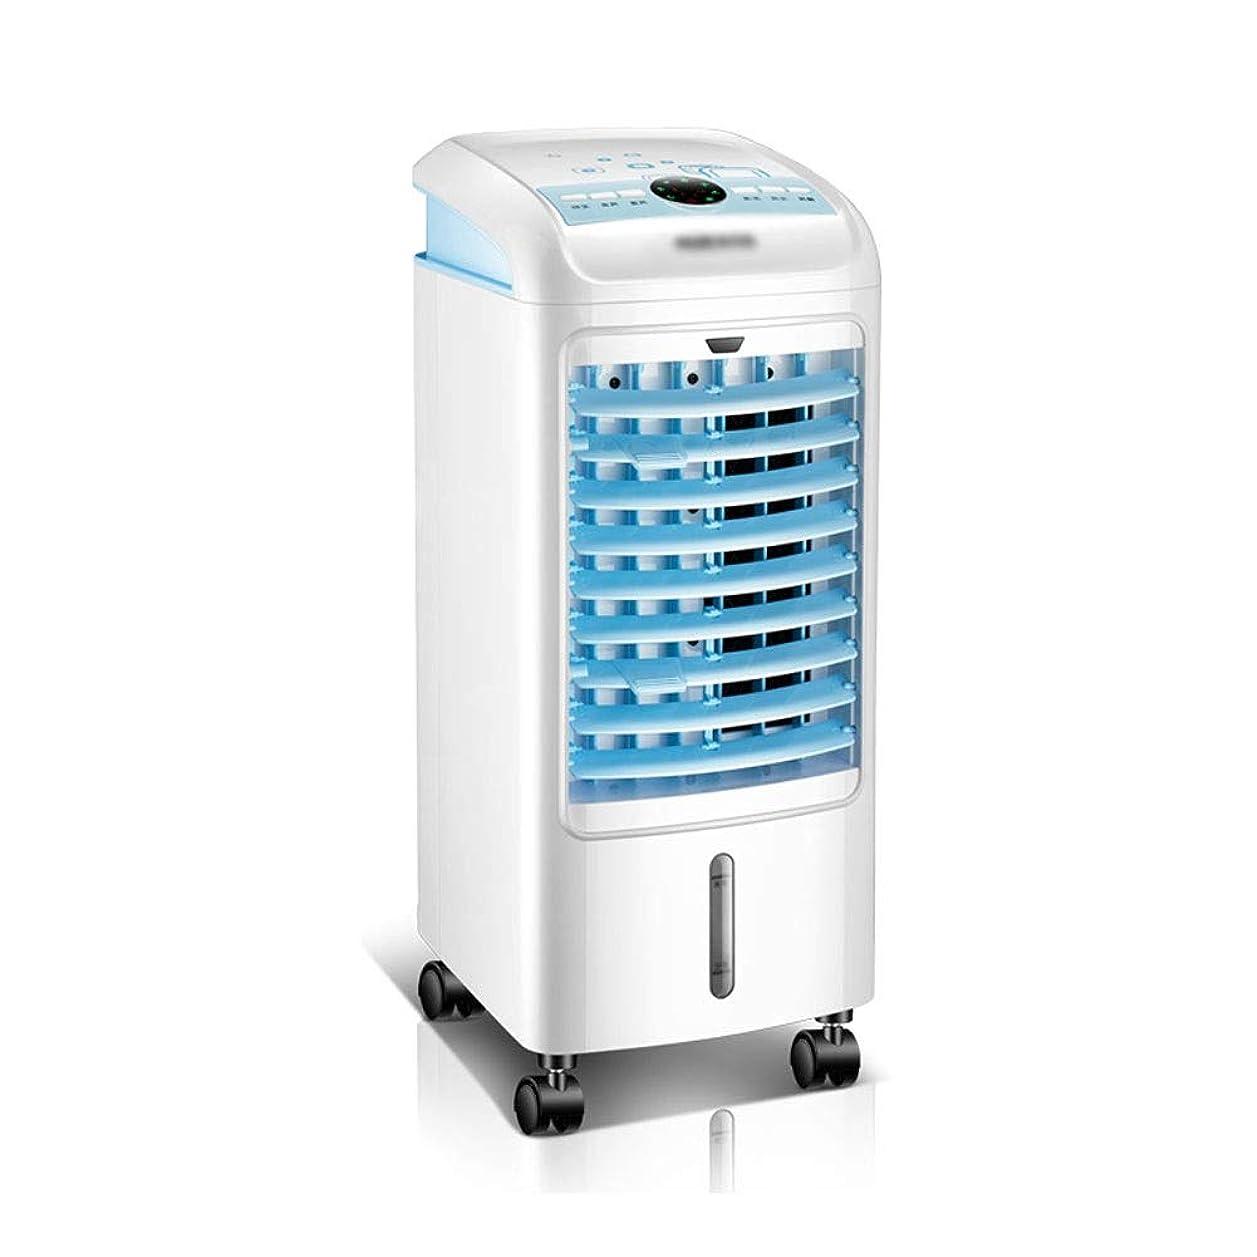 責任者重要性ペチコートYZJL-ポータブルエアコン ポータブルエアクーラー、小型3スピードエアコン、サイレントクーラー、加湿器&清浄器3 In 1、4 L水タンク